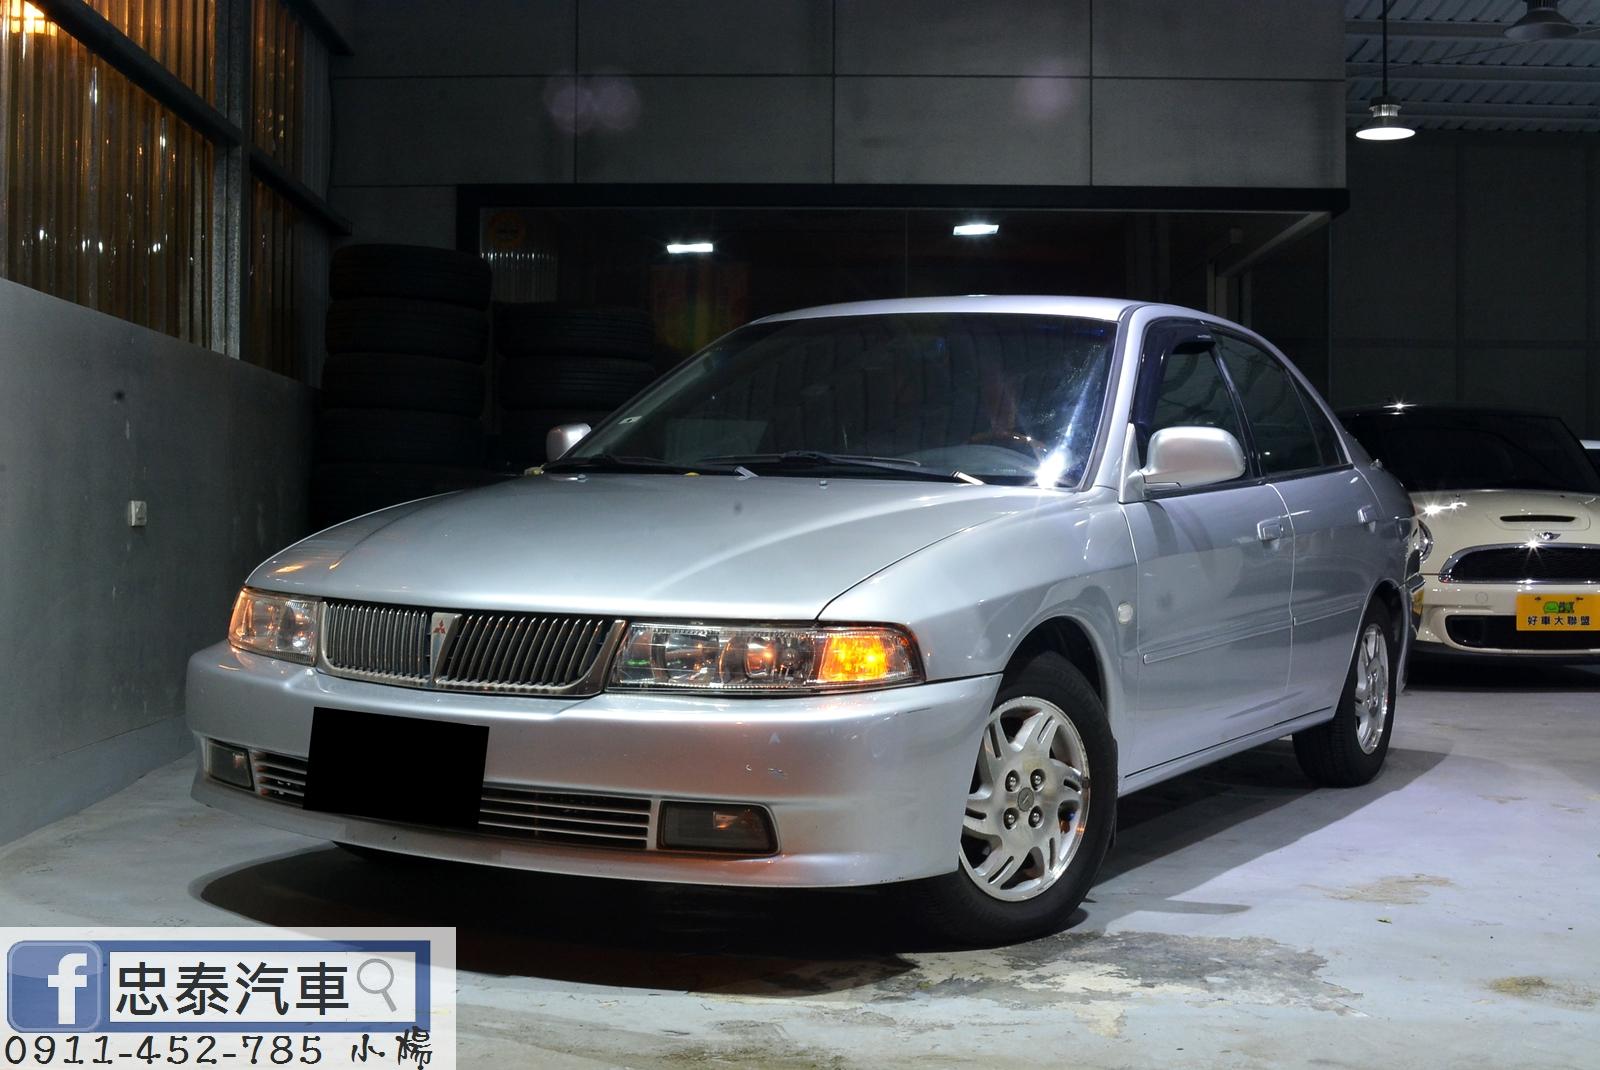 1999 Mitsubishi Lancer